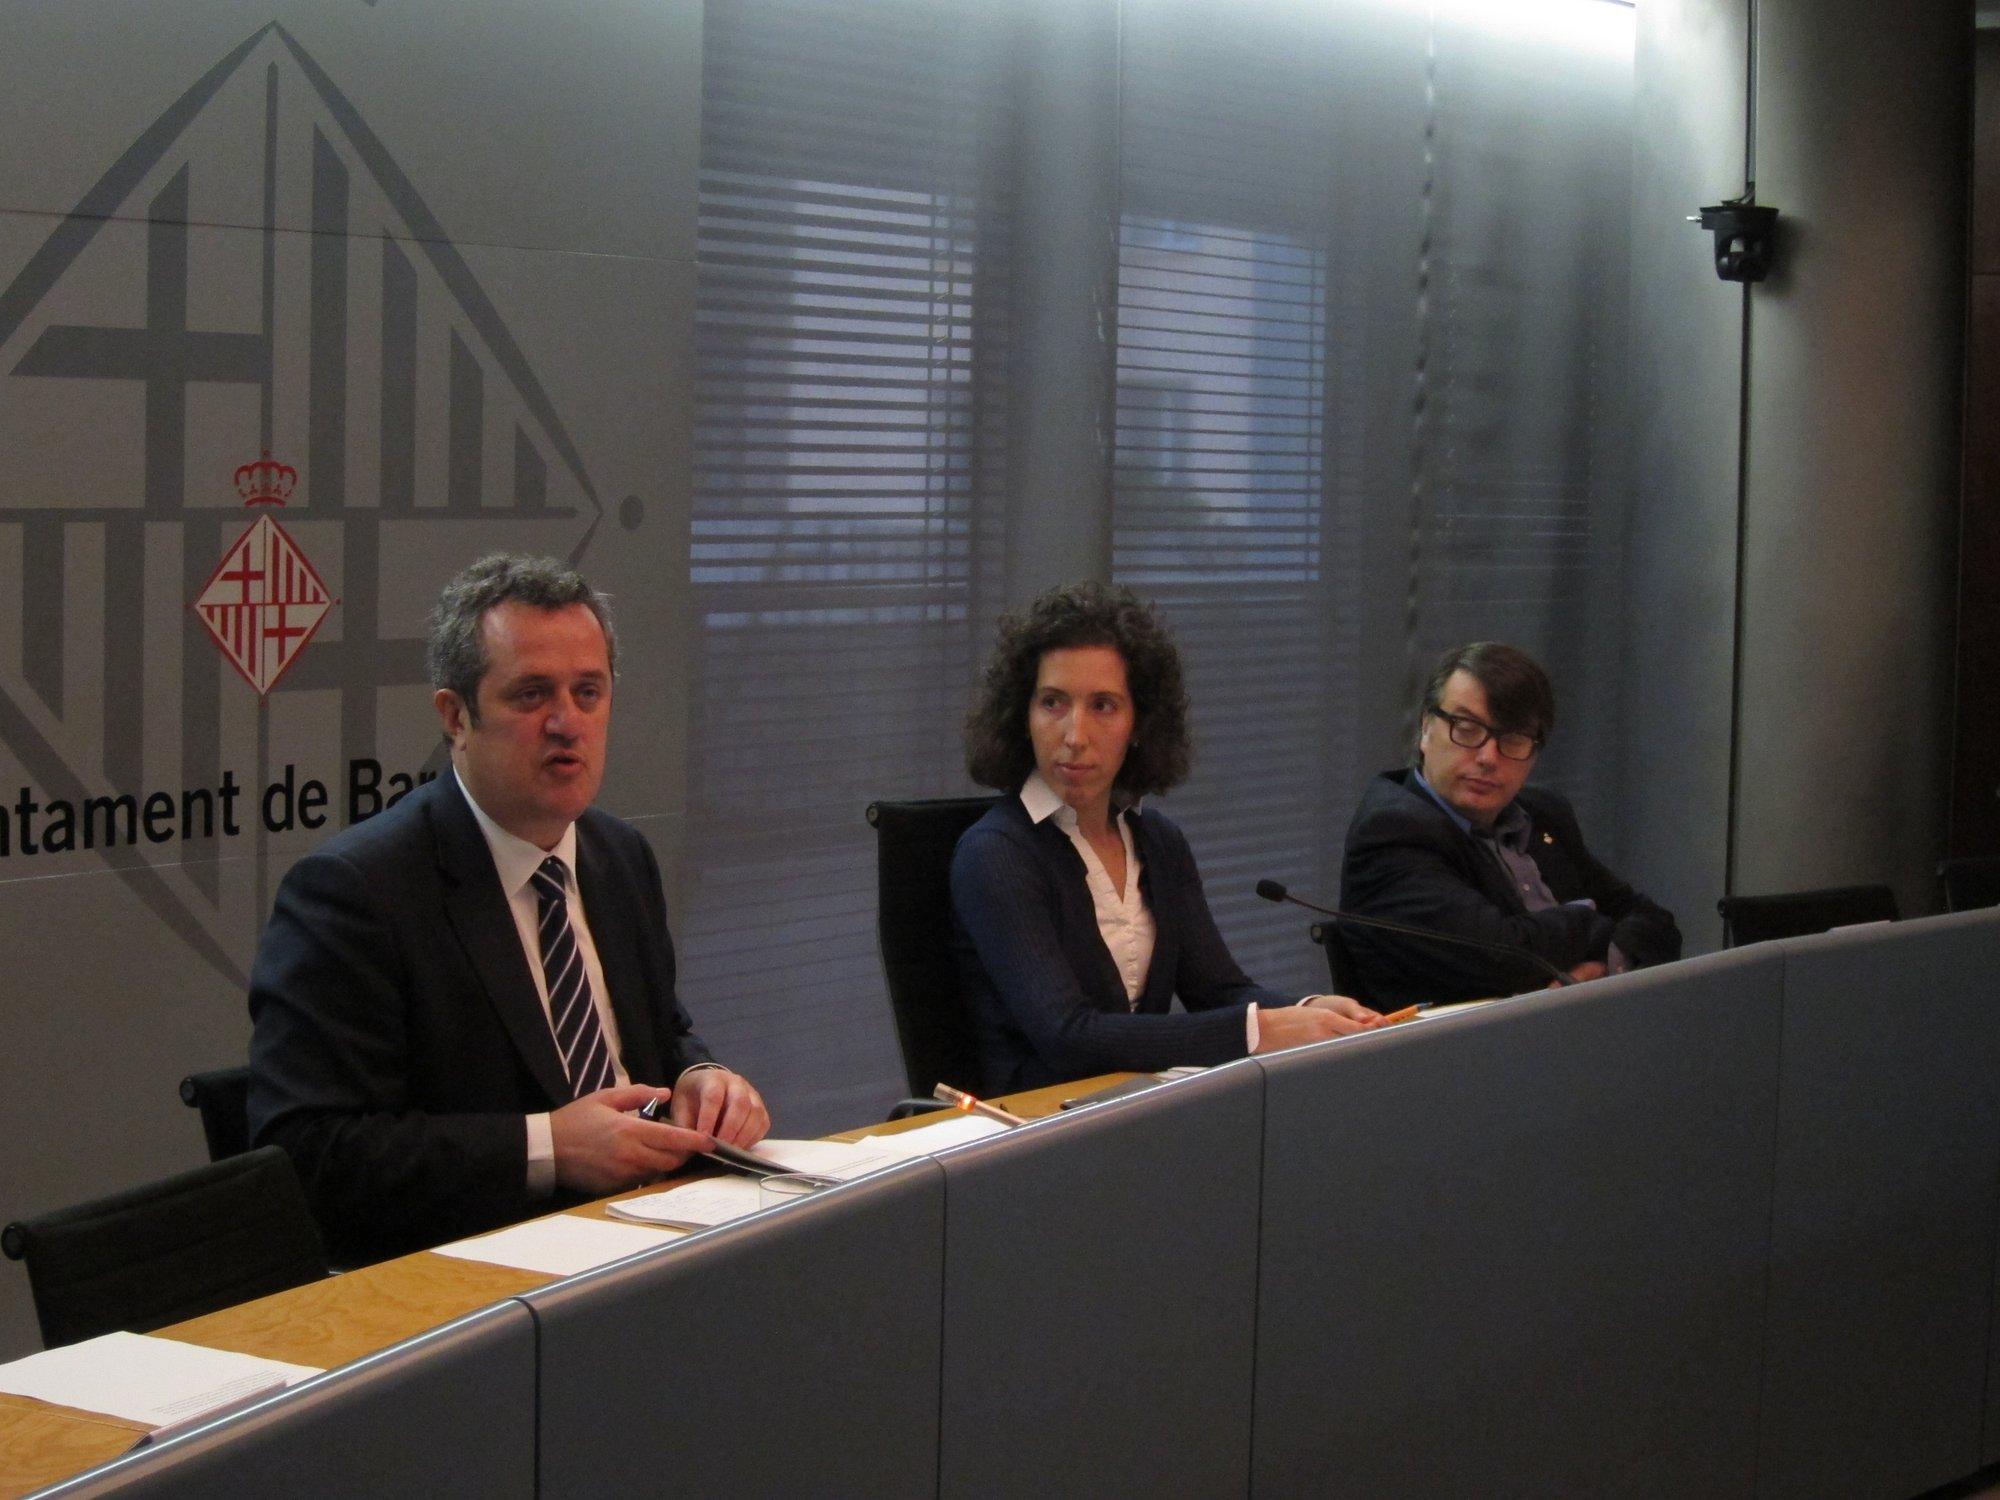 Barcelona suaviza el veto a los autocares turísticos en la Sagrada Familia